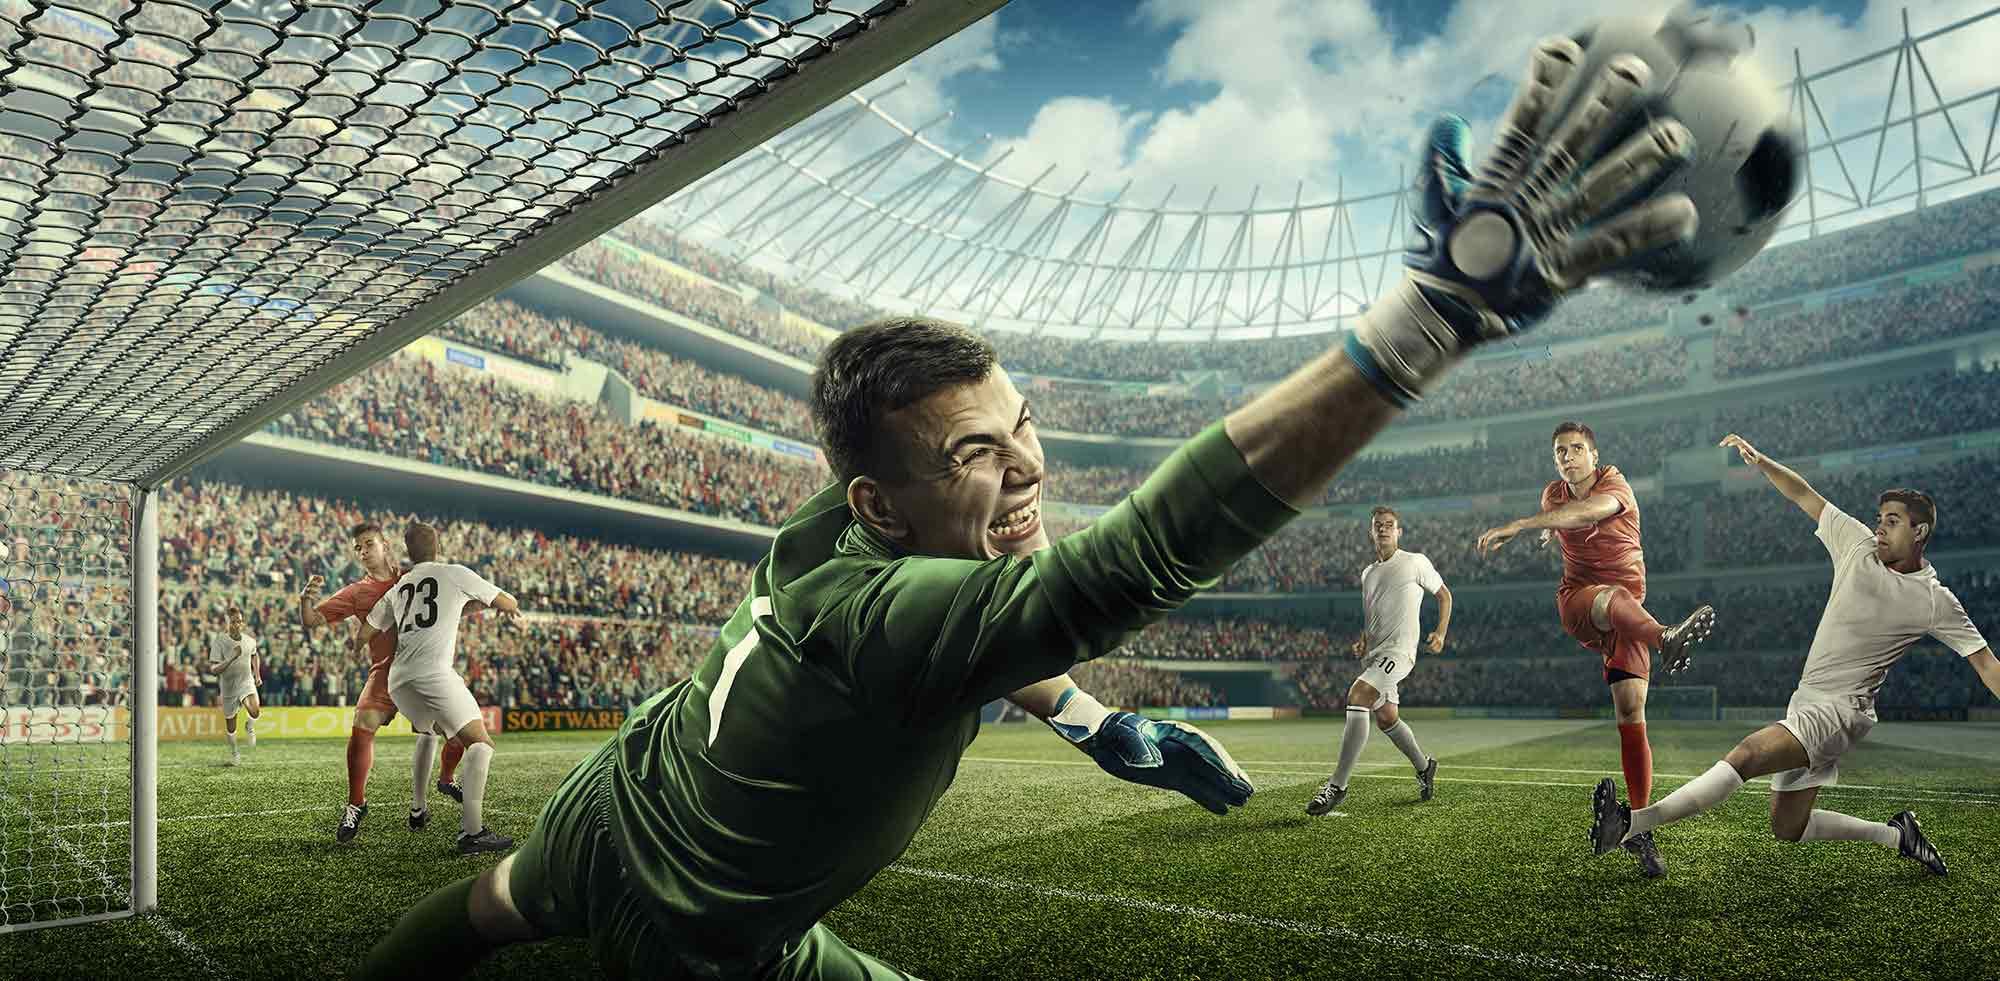 voetbalherder 1